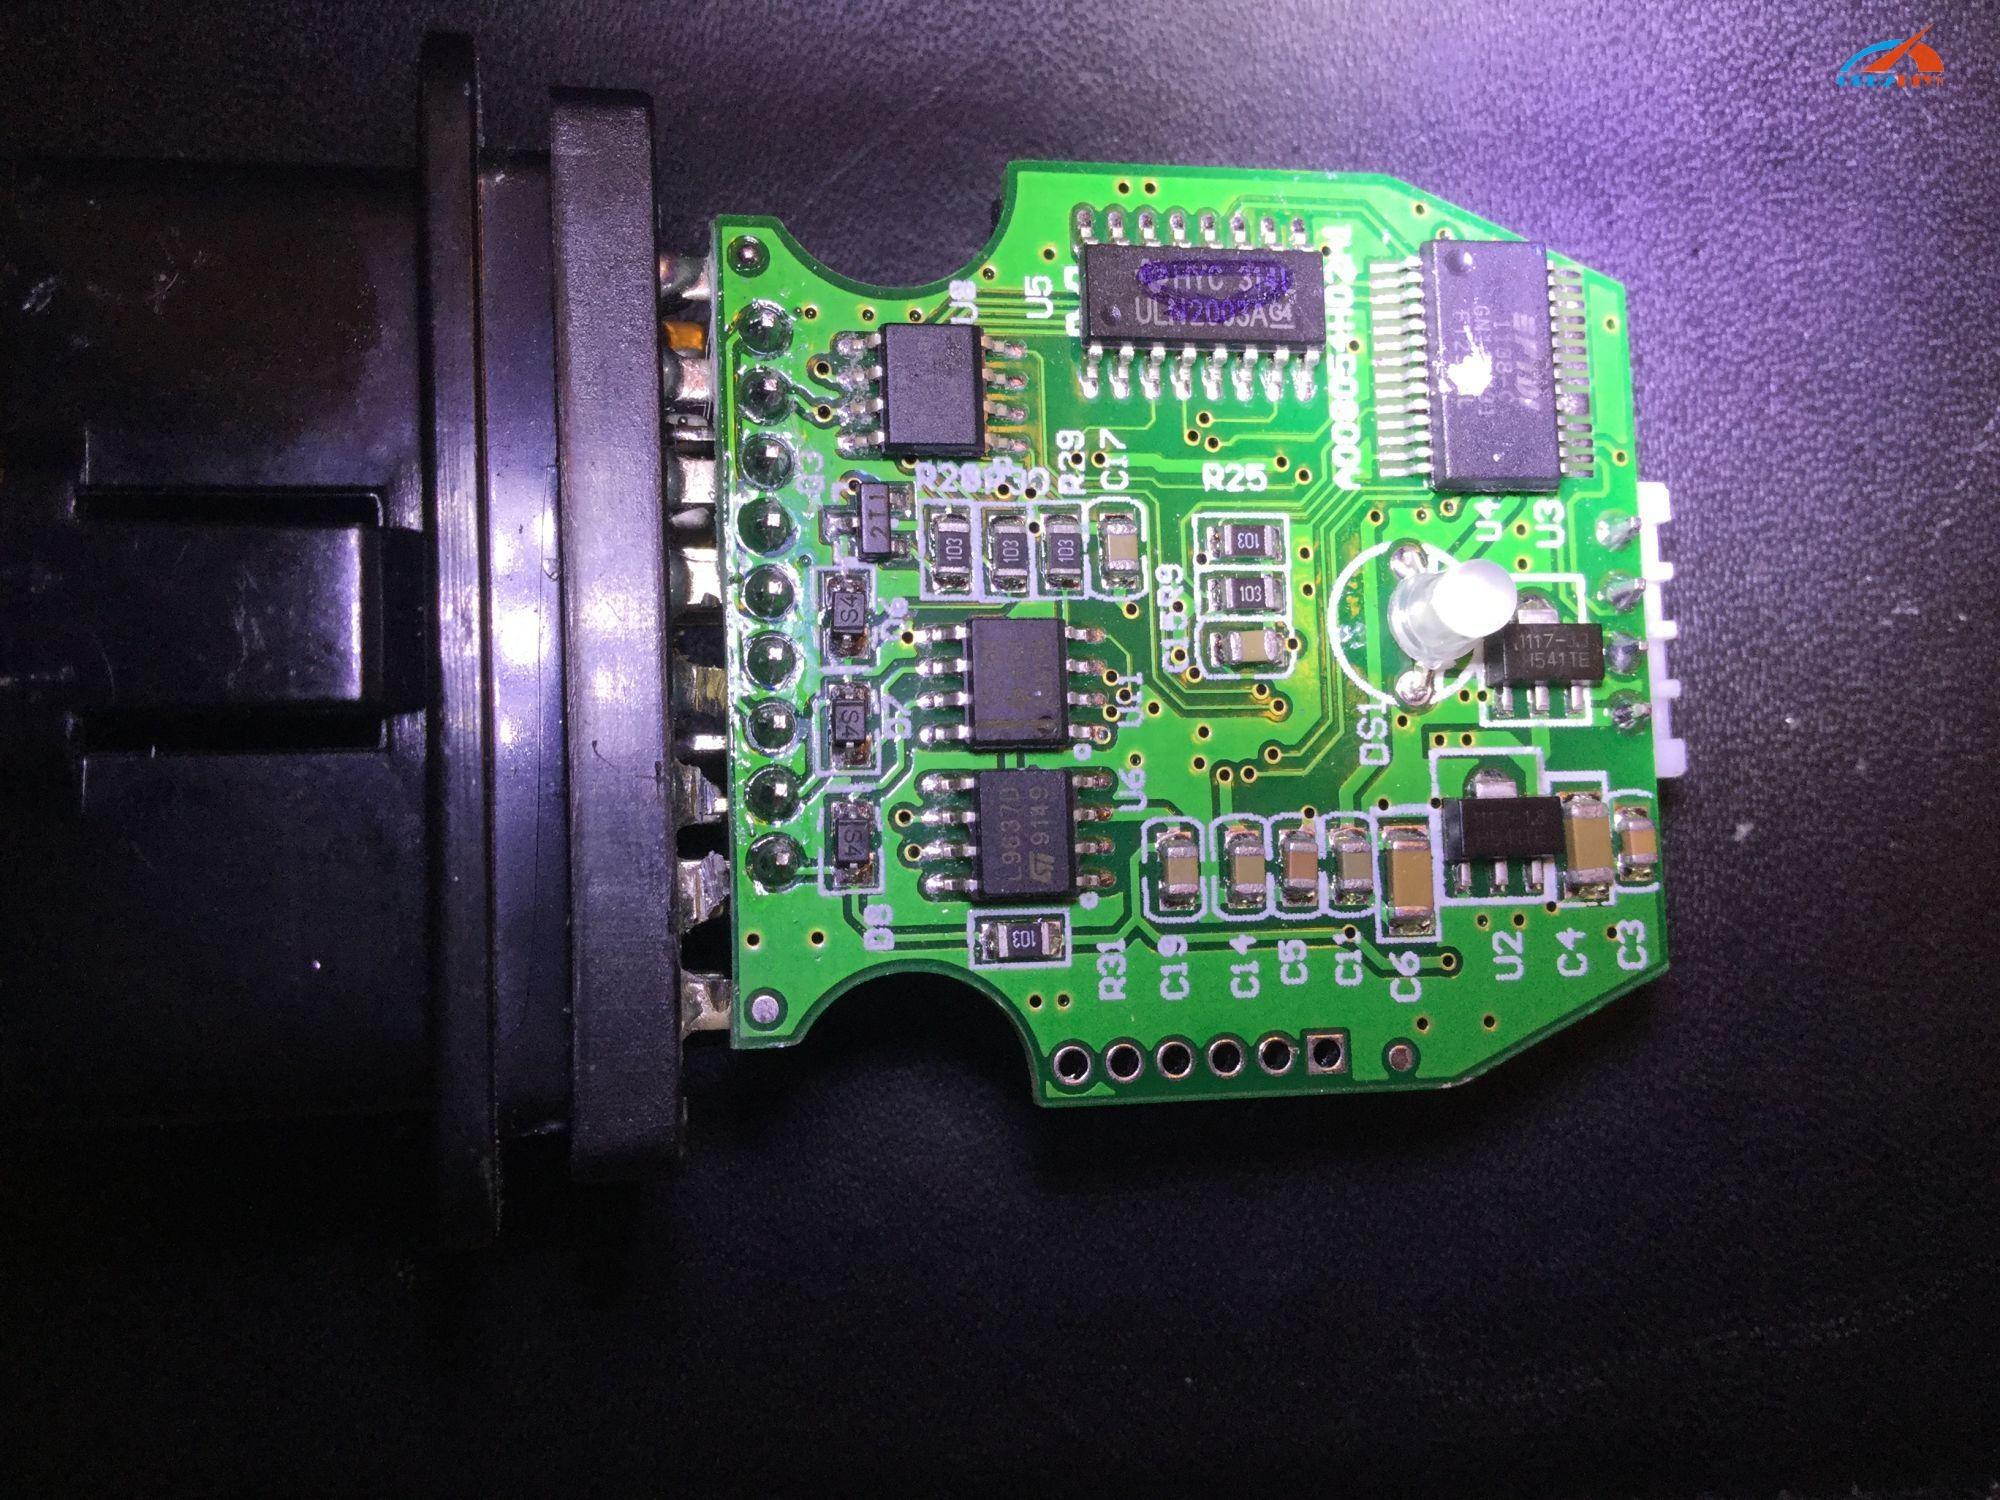 mini-vci-j2534-pcb-1